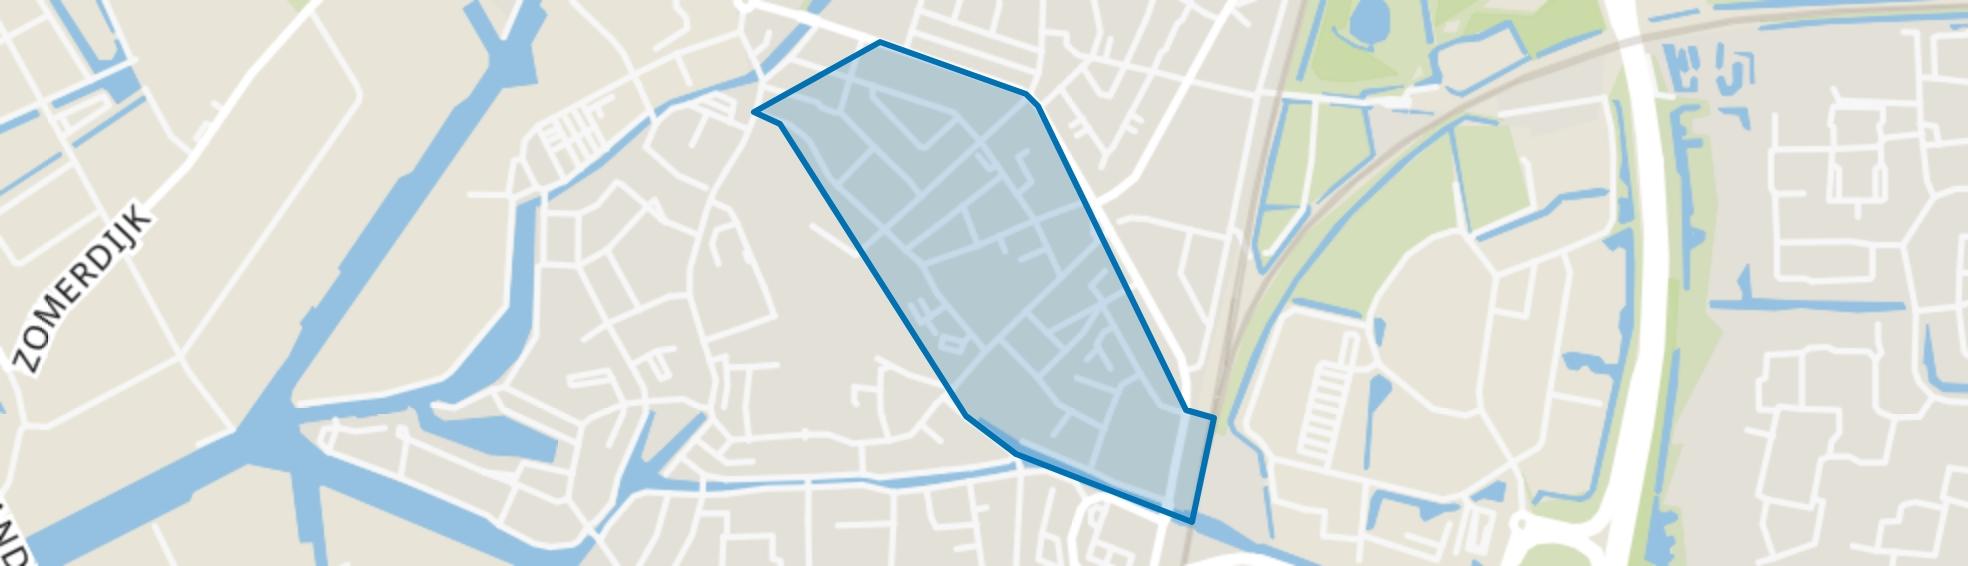 Indische buurt, Meppel map